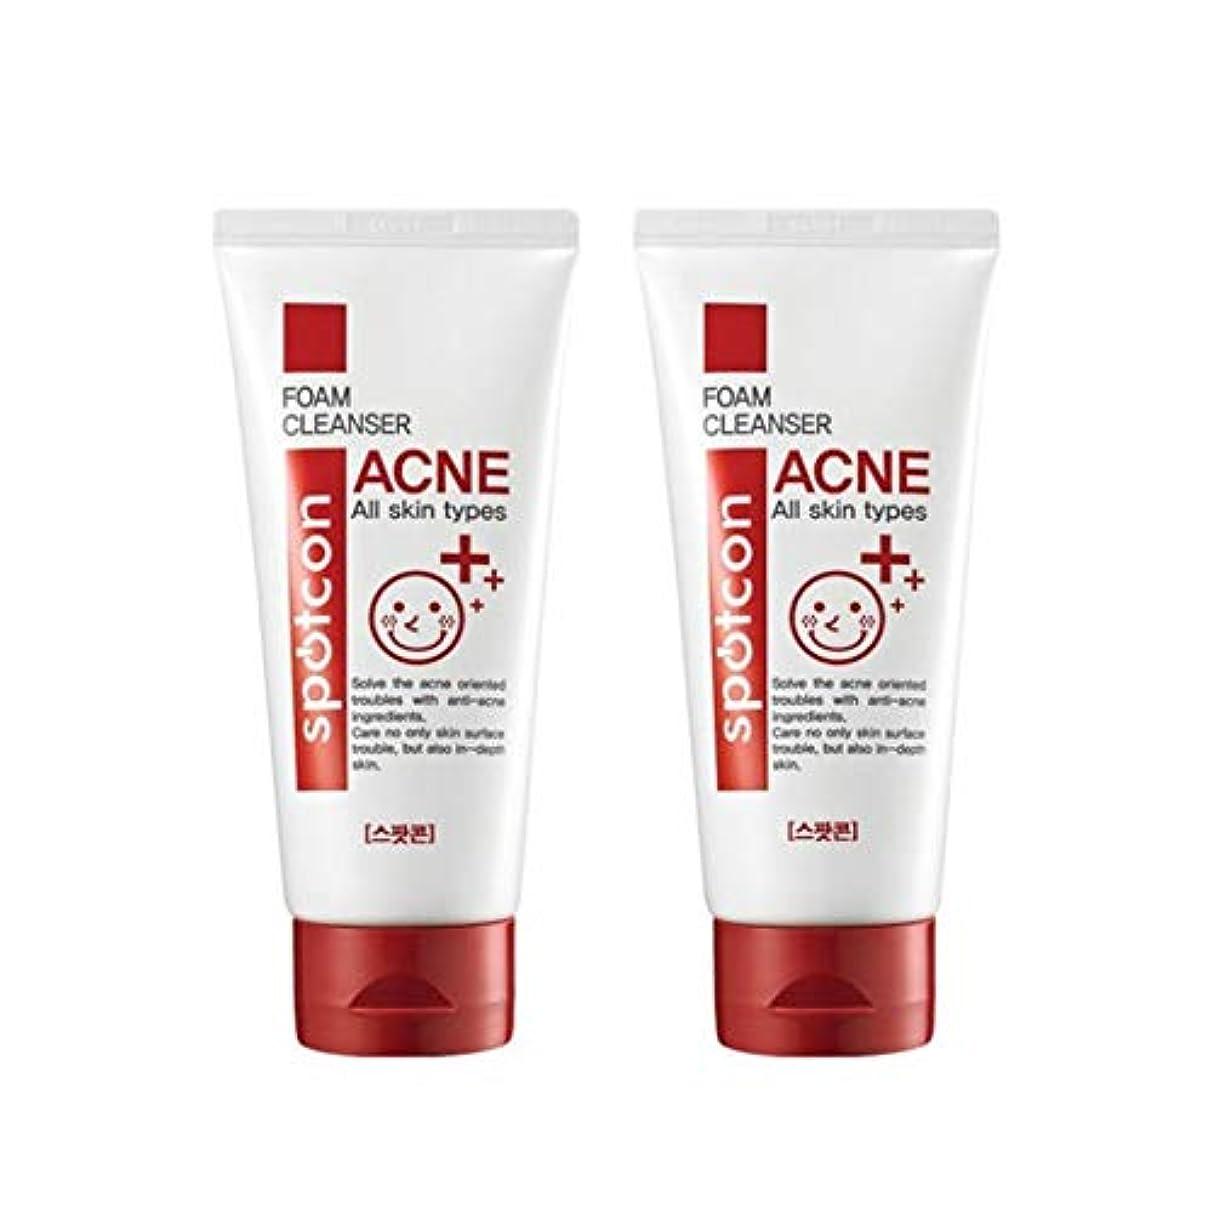 みすぼらしい災害全体にスポットコーンアクネフォームクレンザー120mlx2本セットにきび緩和韓国コスメ、Spotcon Acne Foam Cleanser 120ml x 2ea Set Korean Cosmetics [並行輸入品]